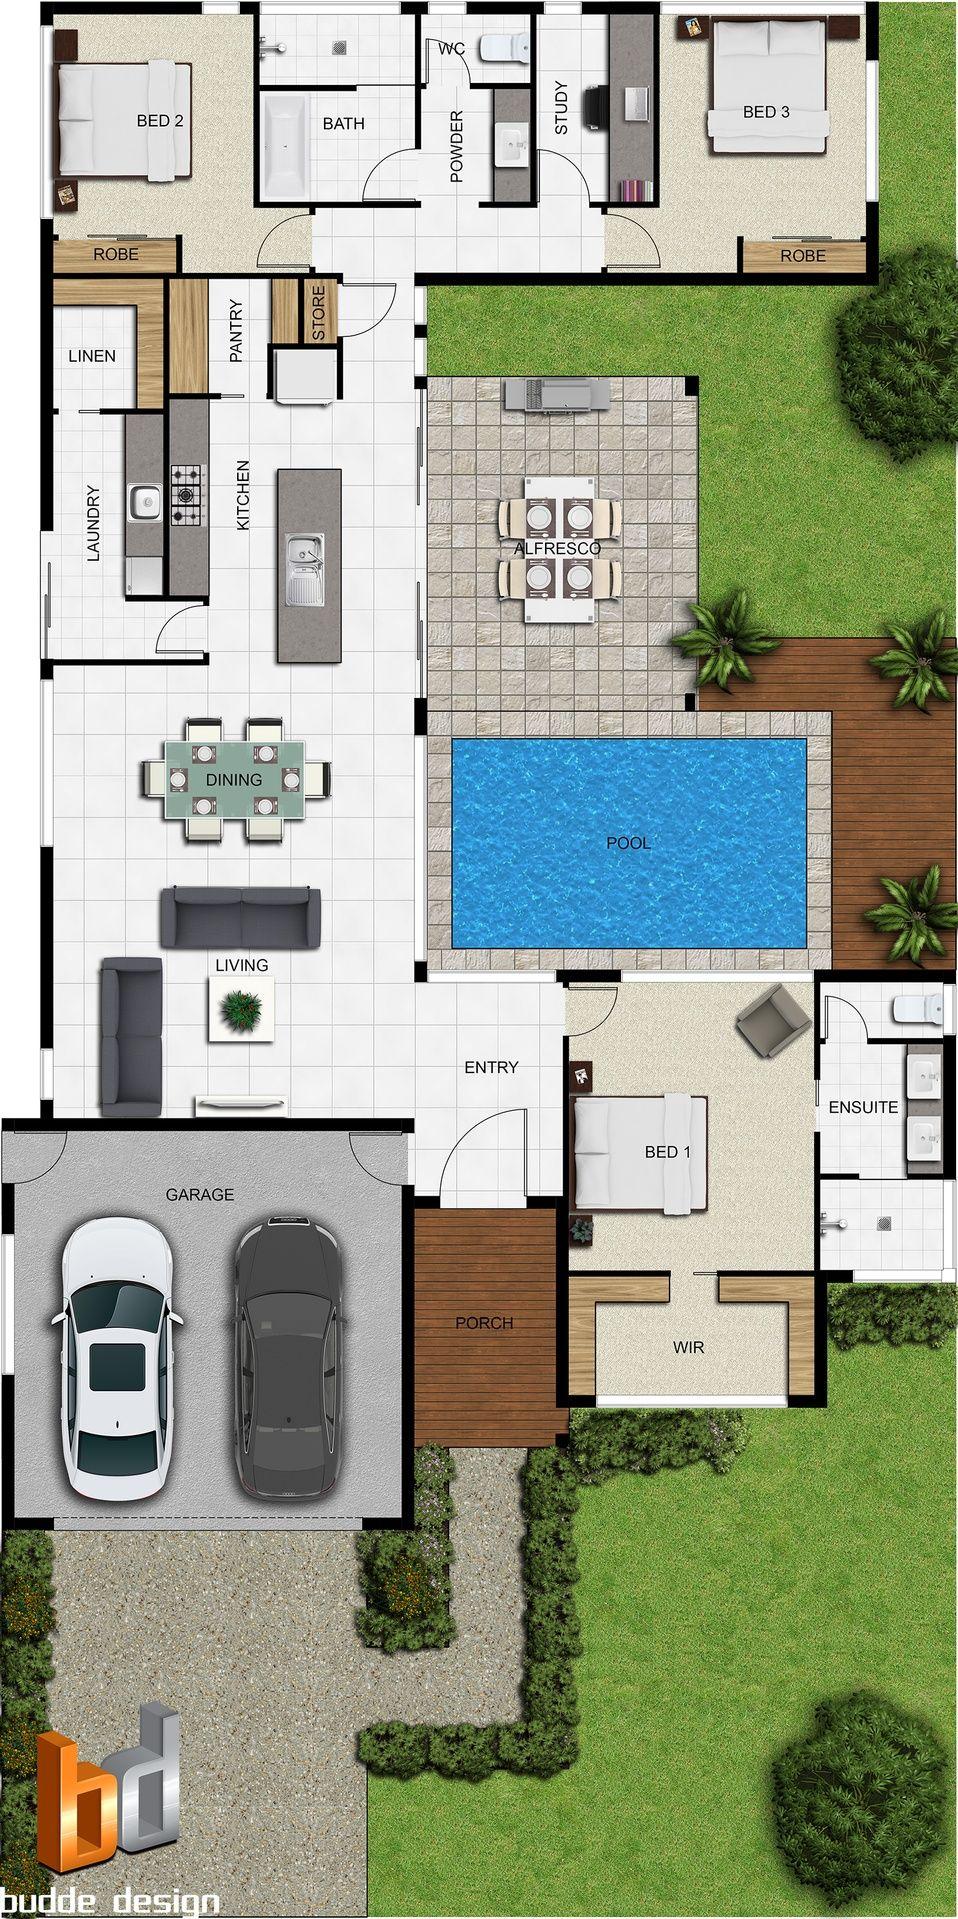 Create High Quality Professional And Realistic 2d Colour Floor Plans From Our Specifical Planos De Casas Minimalistas Planos De Casas Modernas Planos De Casas